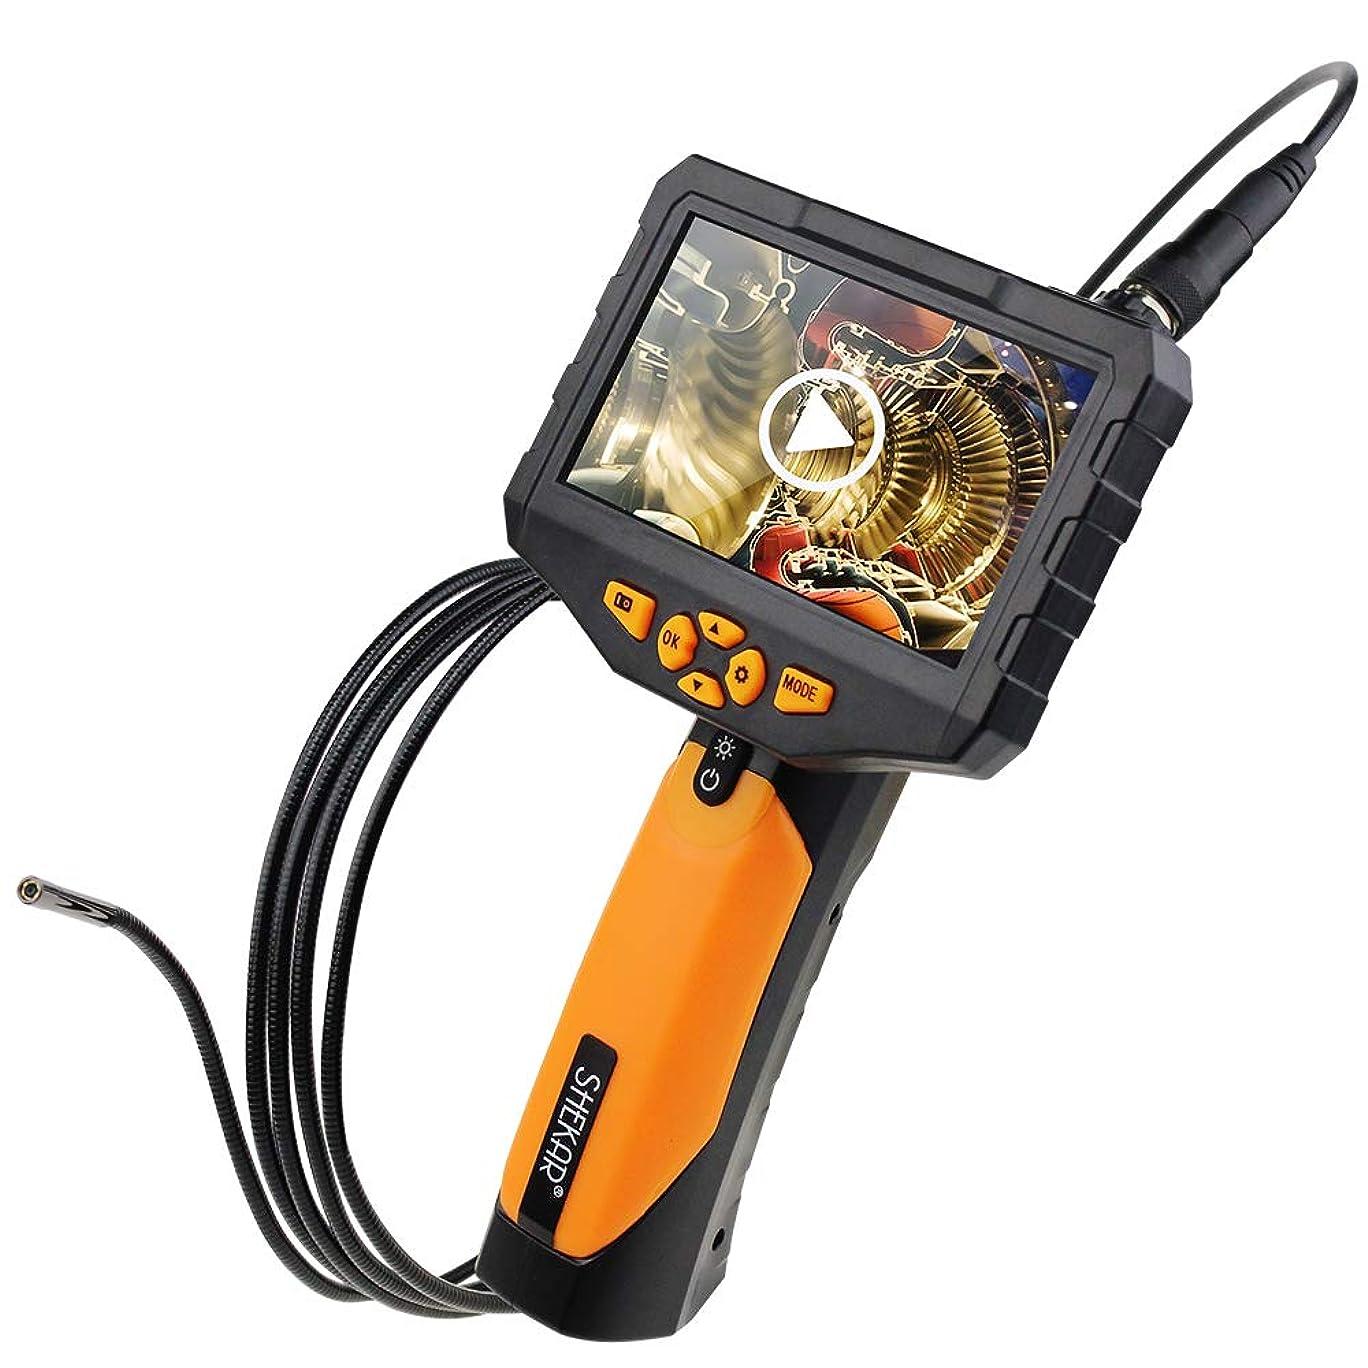 多機能1080P内視鏡 4.3インチHDスクリーン5.5mm極細 録音可能なオーディオ 360画面回転 ファイバースコープ スネーク エンドスコープ 内視鏡 管内カメラ ダイバー用装備品 撮影用等にご利用いただけます 、ミニカメラ 水中カメラ 、IP67防水 日本語説明書と日本語オペレーティングシステムが装備されています 3Mホース LEDライト6灯付き 排水口検査 空調整備 車の整備 スネークカメラ (4.3インチ) (4.3インチ)